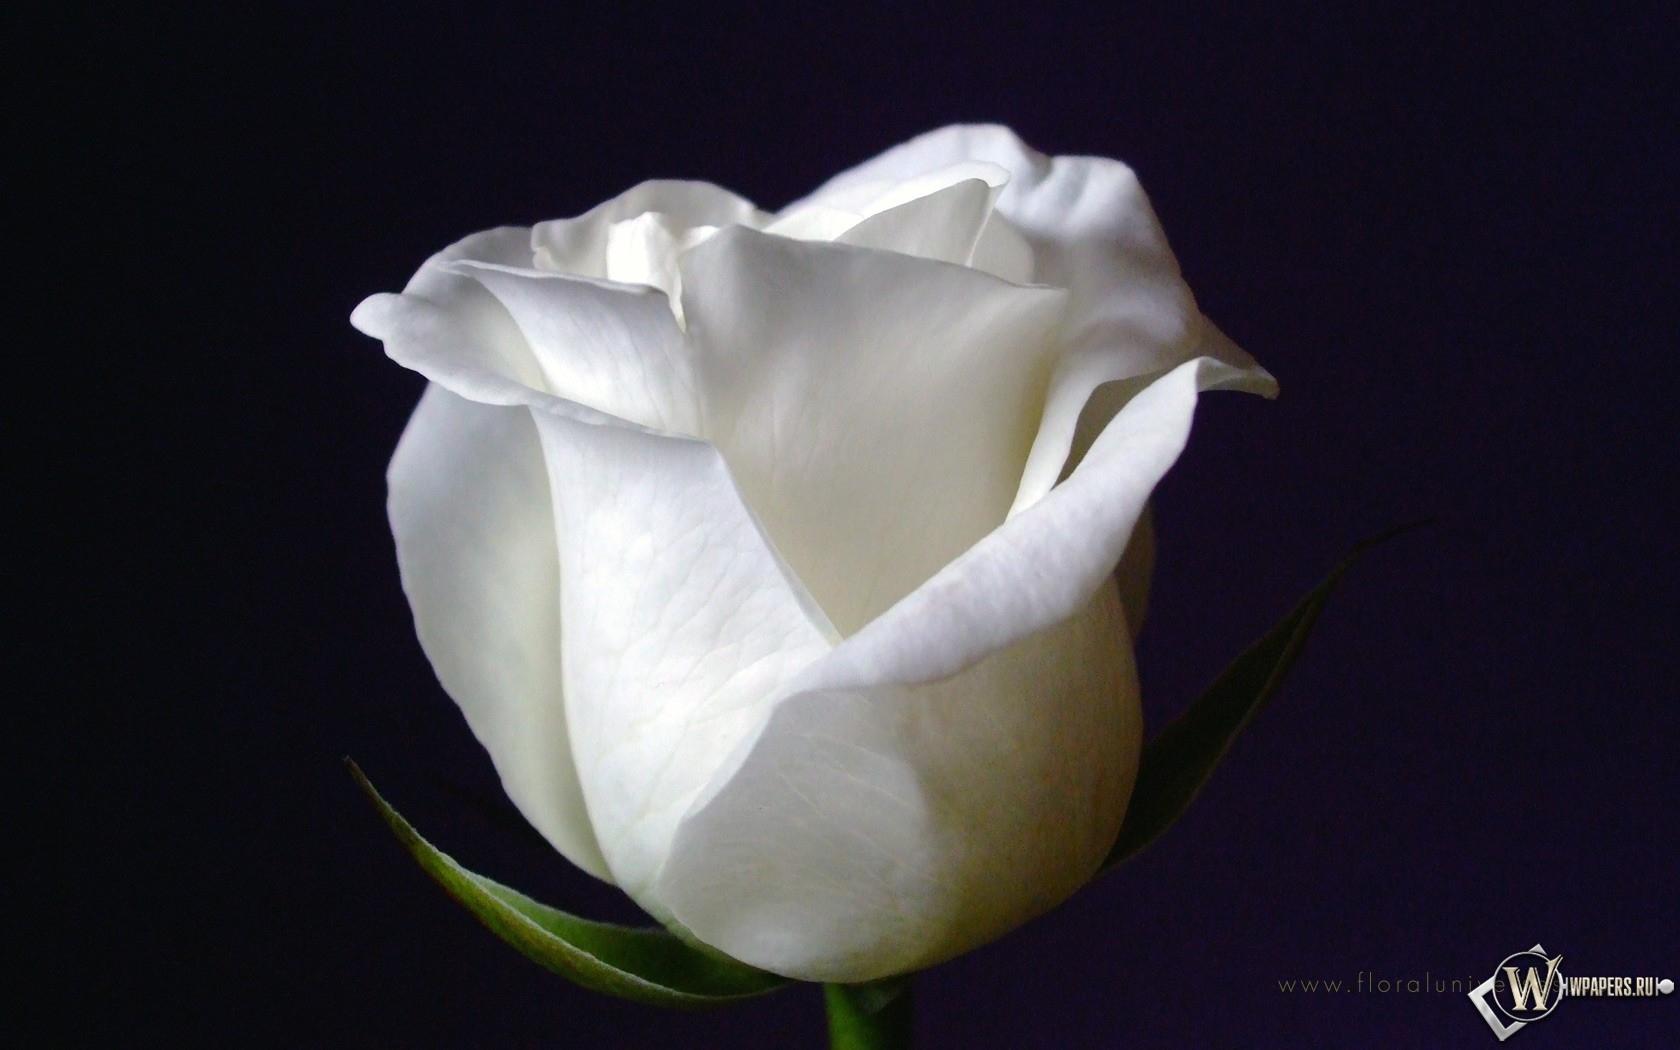 White Rose 1680x1050